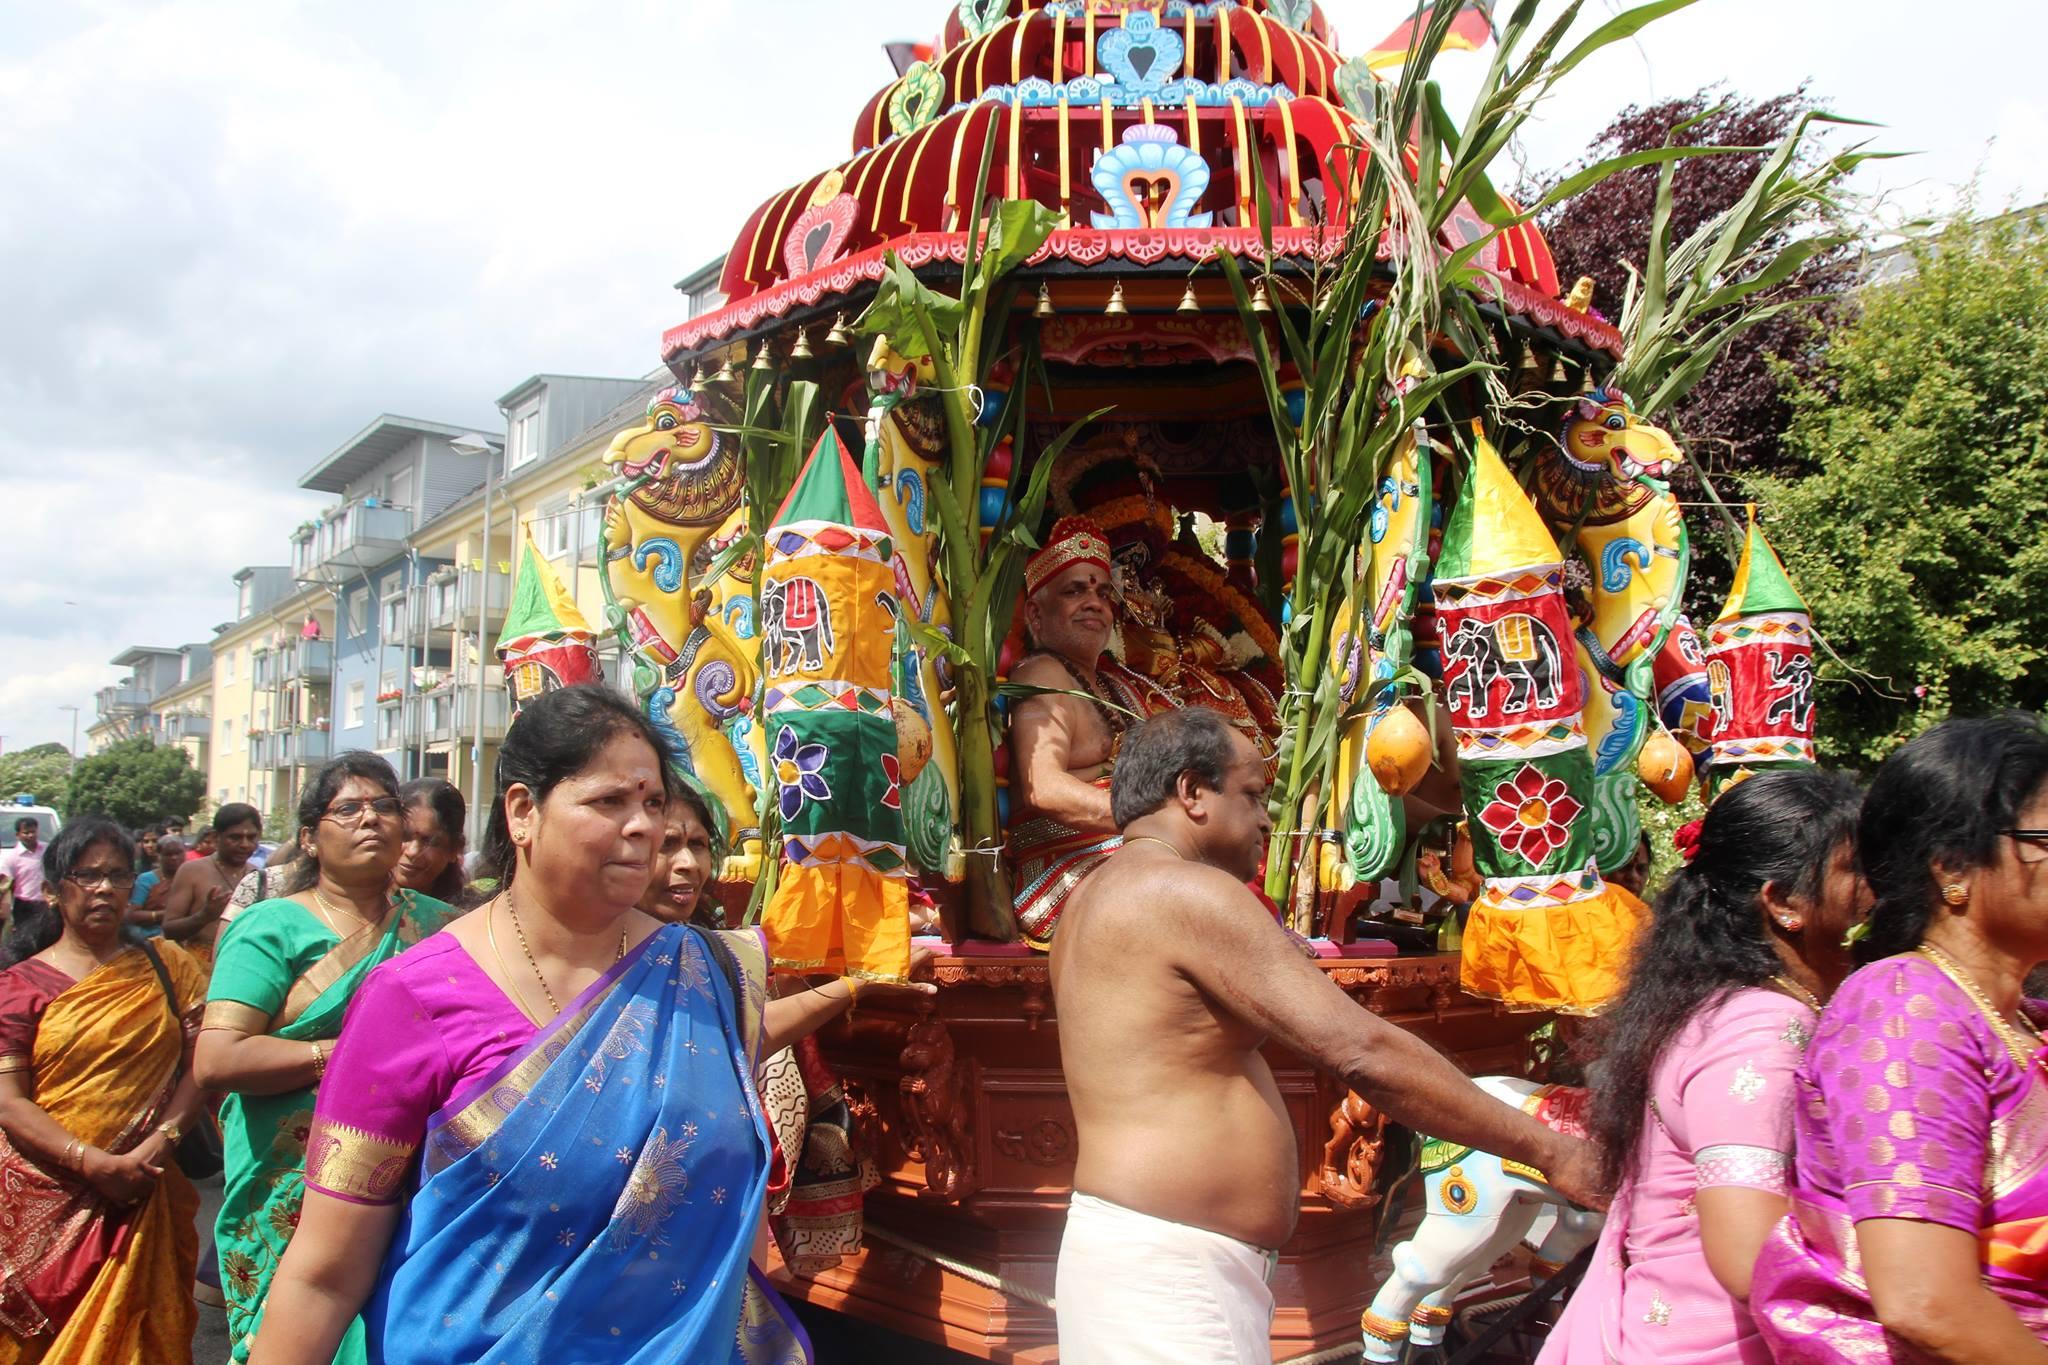 யேர்மன் சுவெற்றா கனகதுக்கா அம்பாள் ஆலய தேர்த் திருவிழா காணொளி